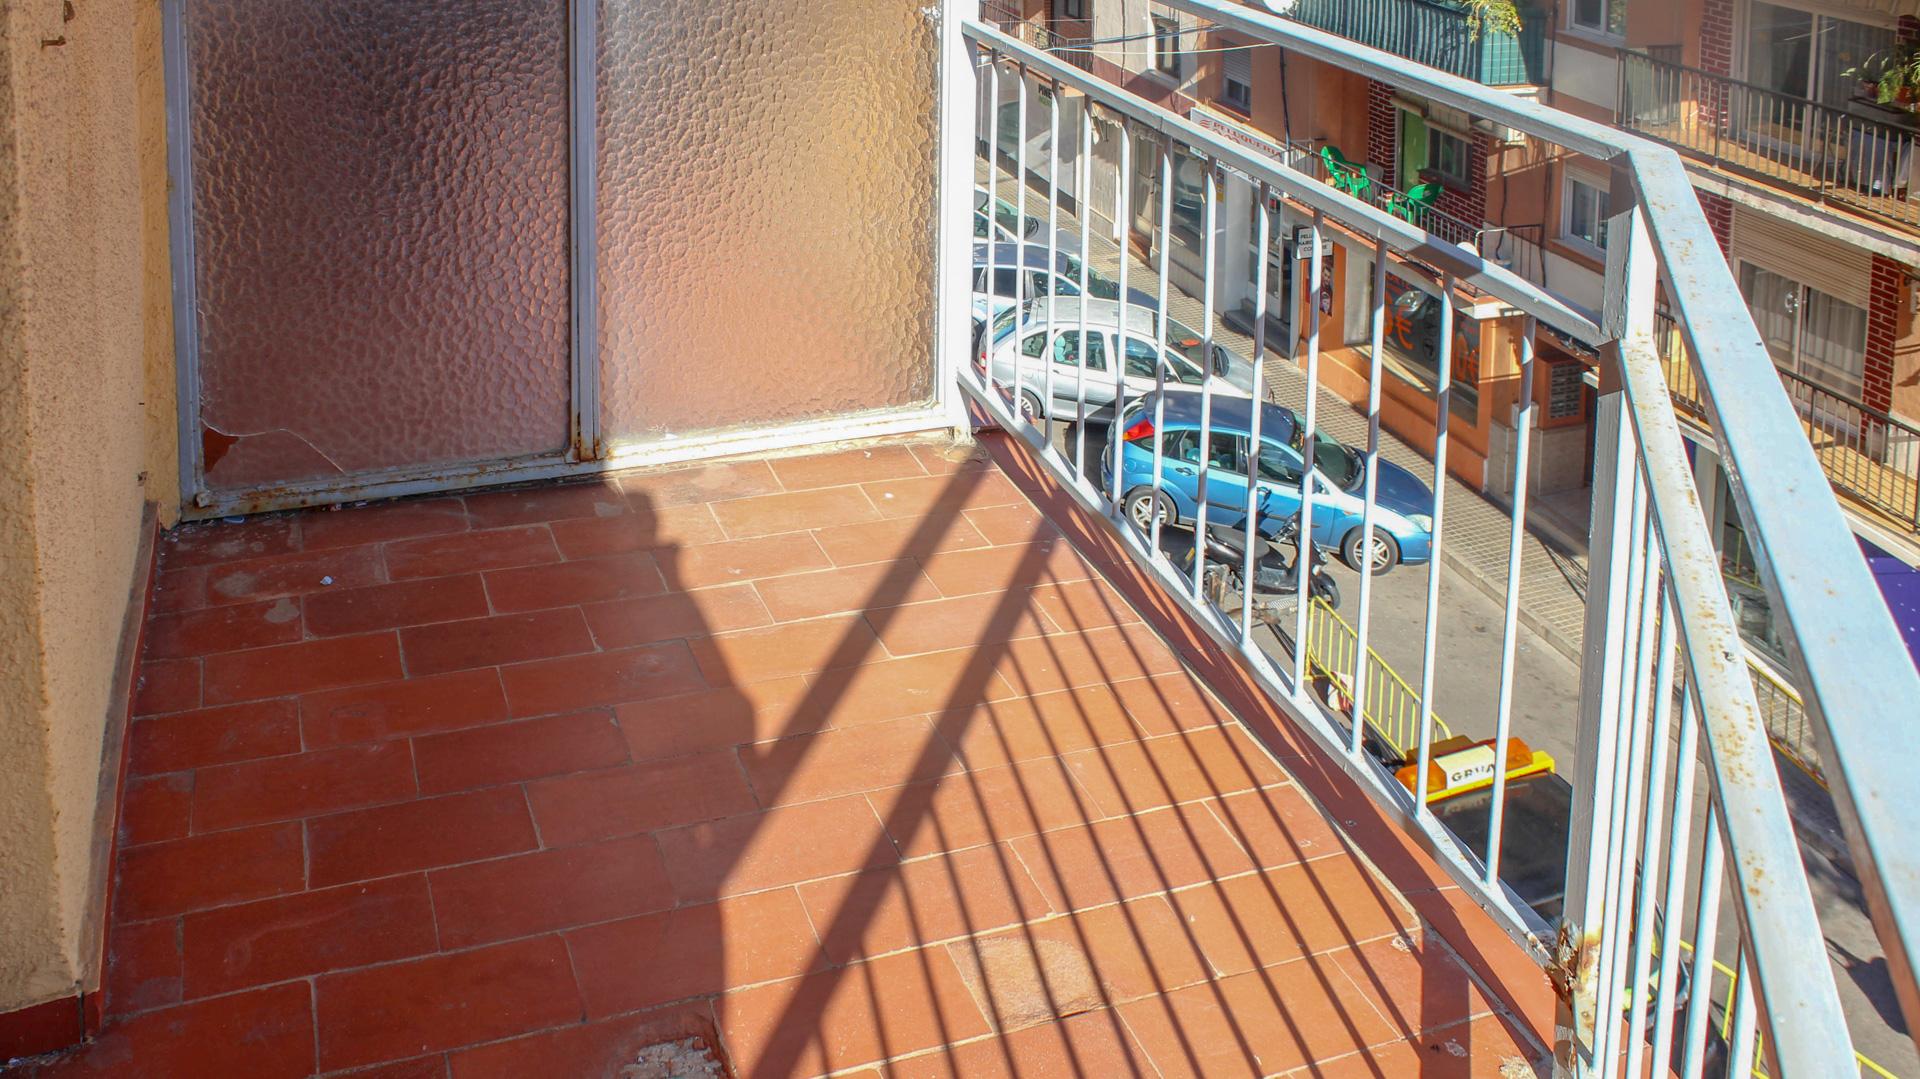 vitalcasa.sooprema-propiedades_5dde4d9169ef9-source